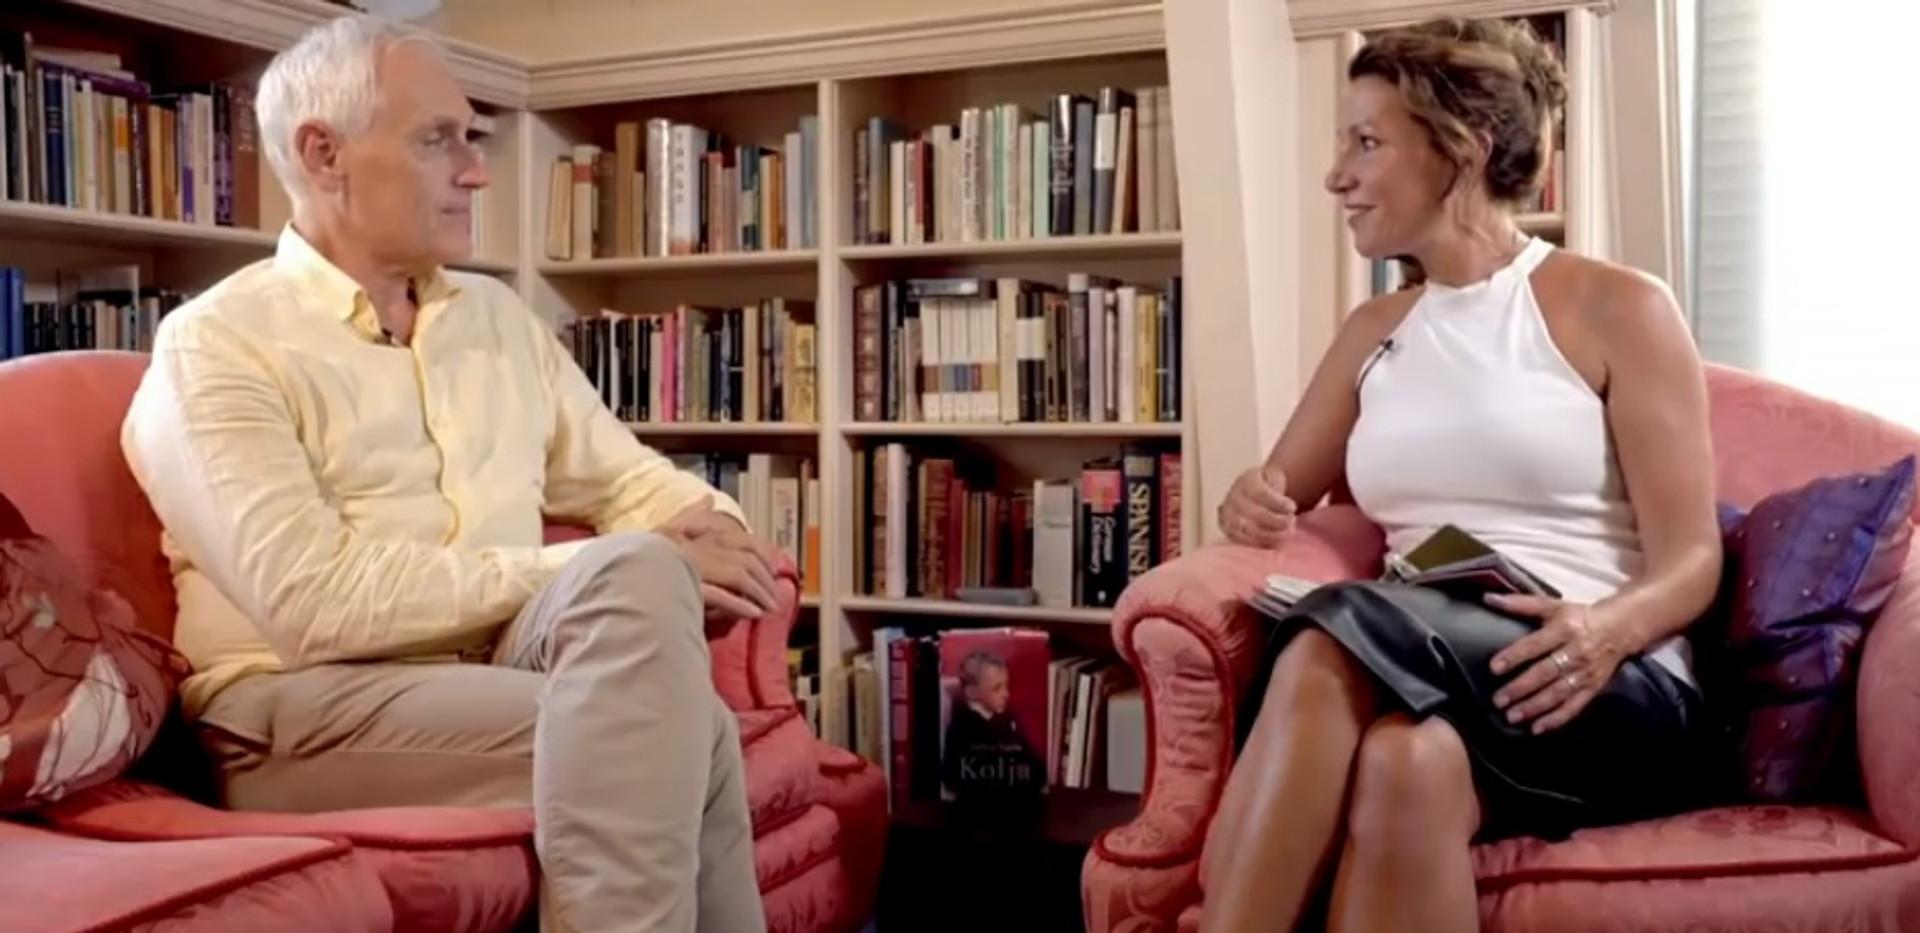 Interview Janneke Siebelink met Arthur Japin over zijn roman Kolja.